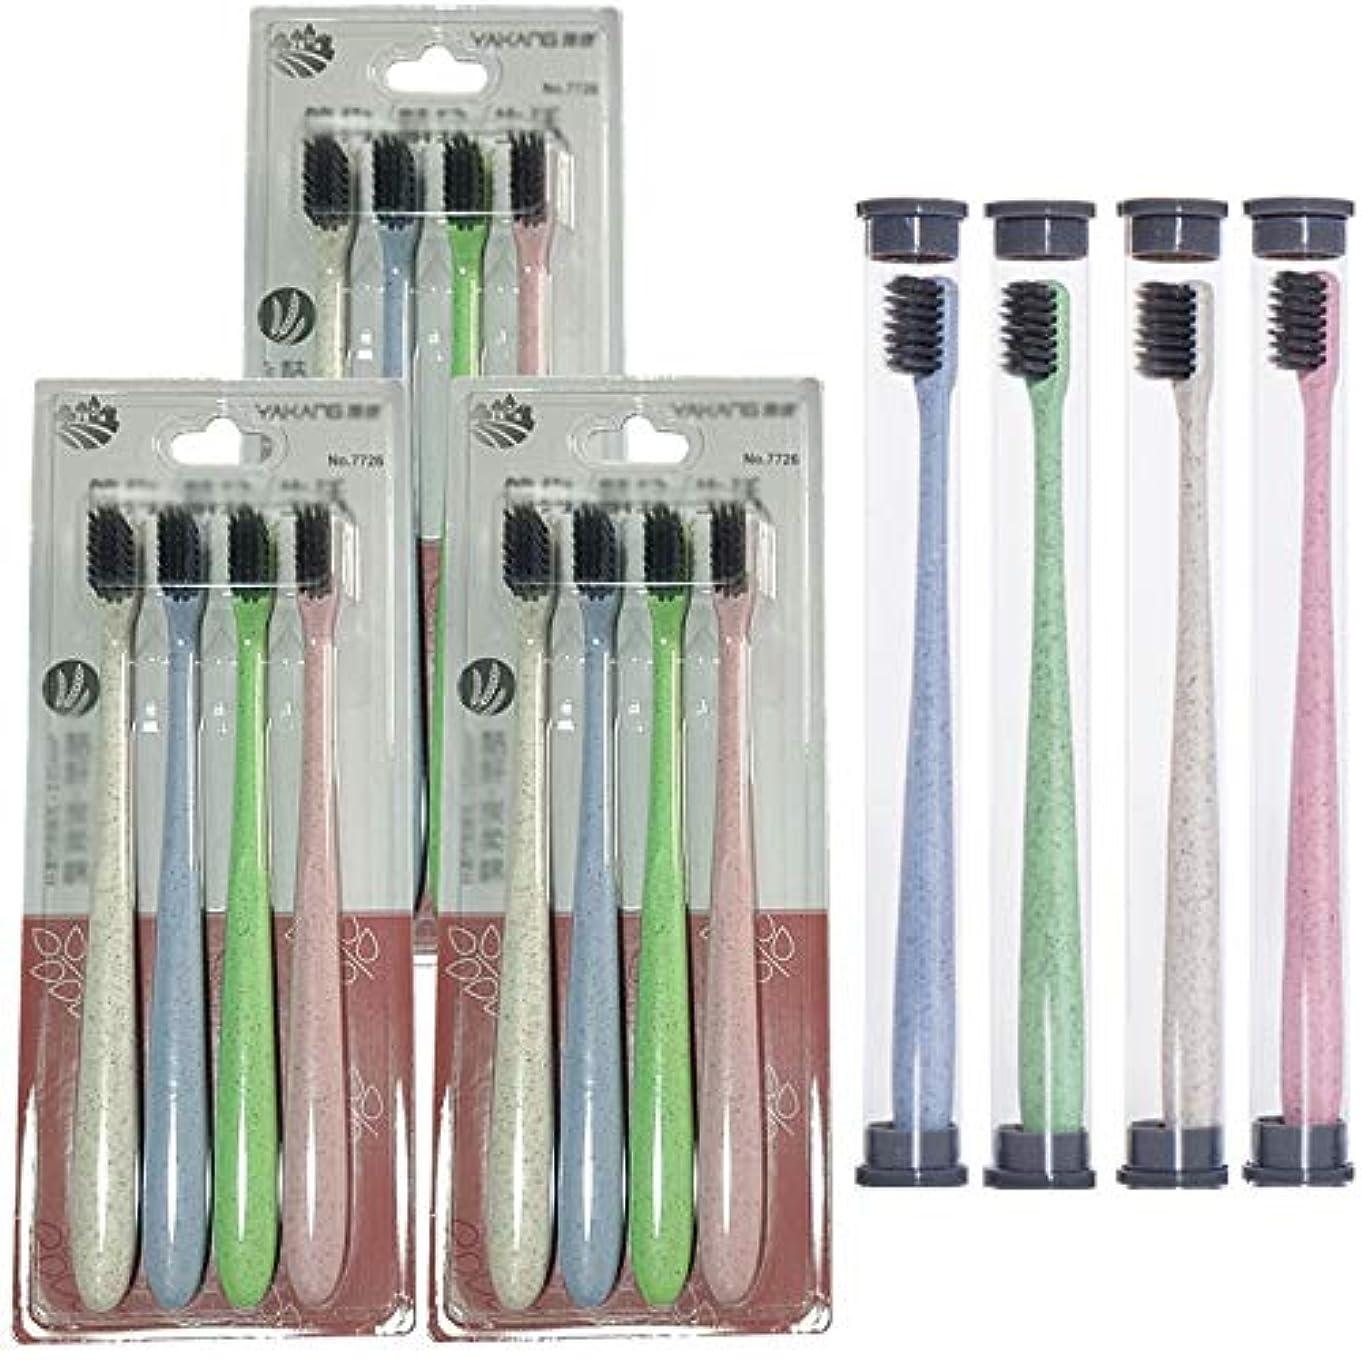 品円形じゃがいも歯ブラシ 16すべての大人のための適切なスティック歯ブラシ、歯ブラシバルク、歯ブラシソフト、携帯用歯ブラシ、 HL (色 : 16 packs)